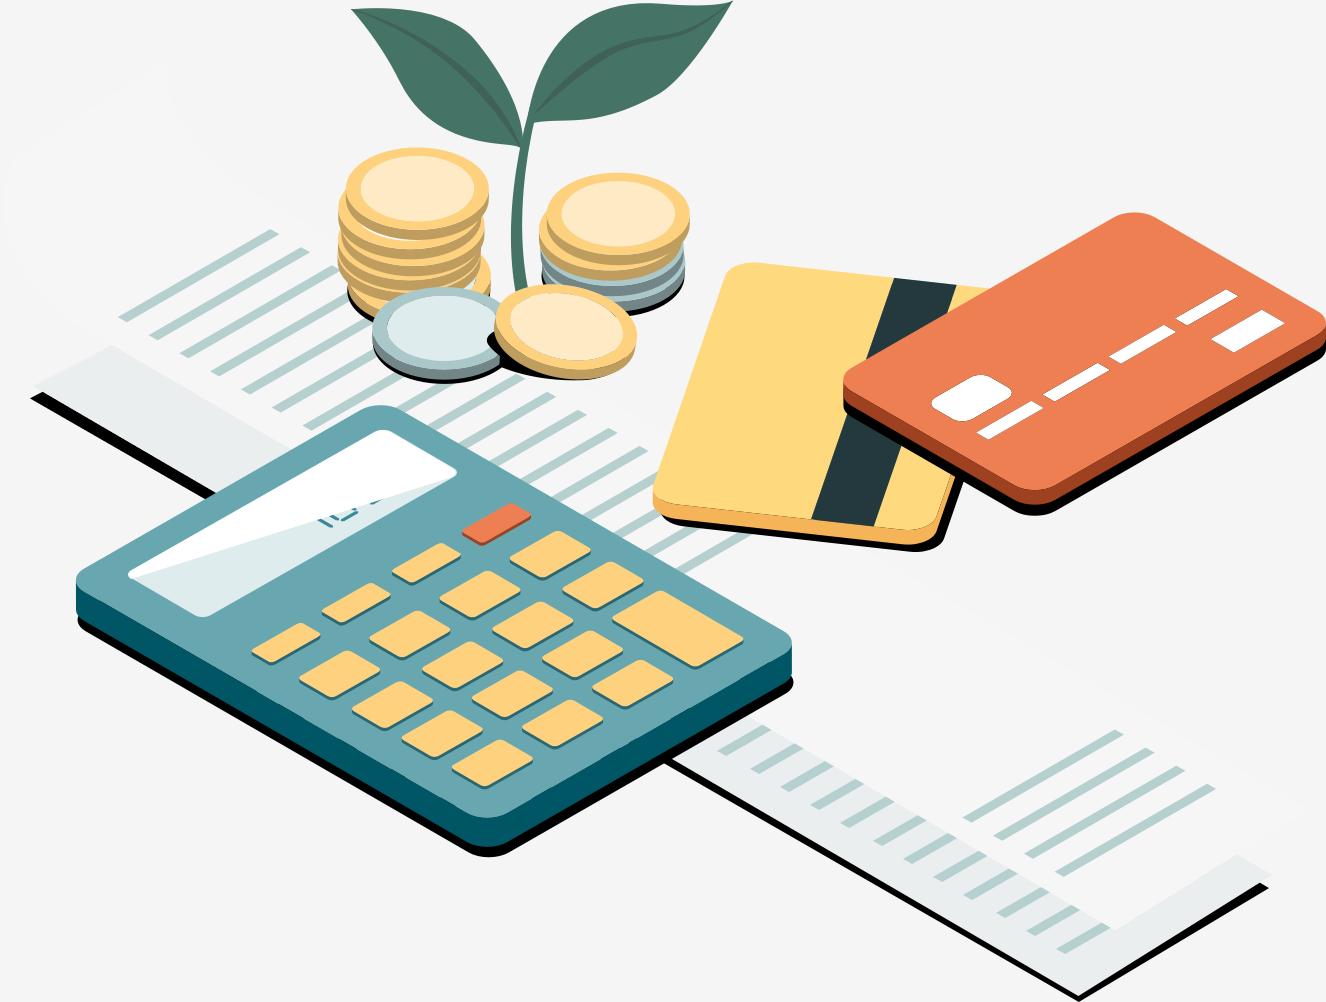 財務公司比較2021: 邊間貸款公司好?即睇借錢利息| MoneyHero